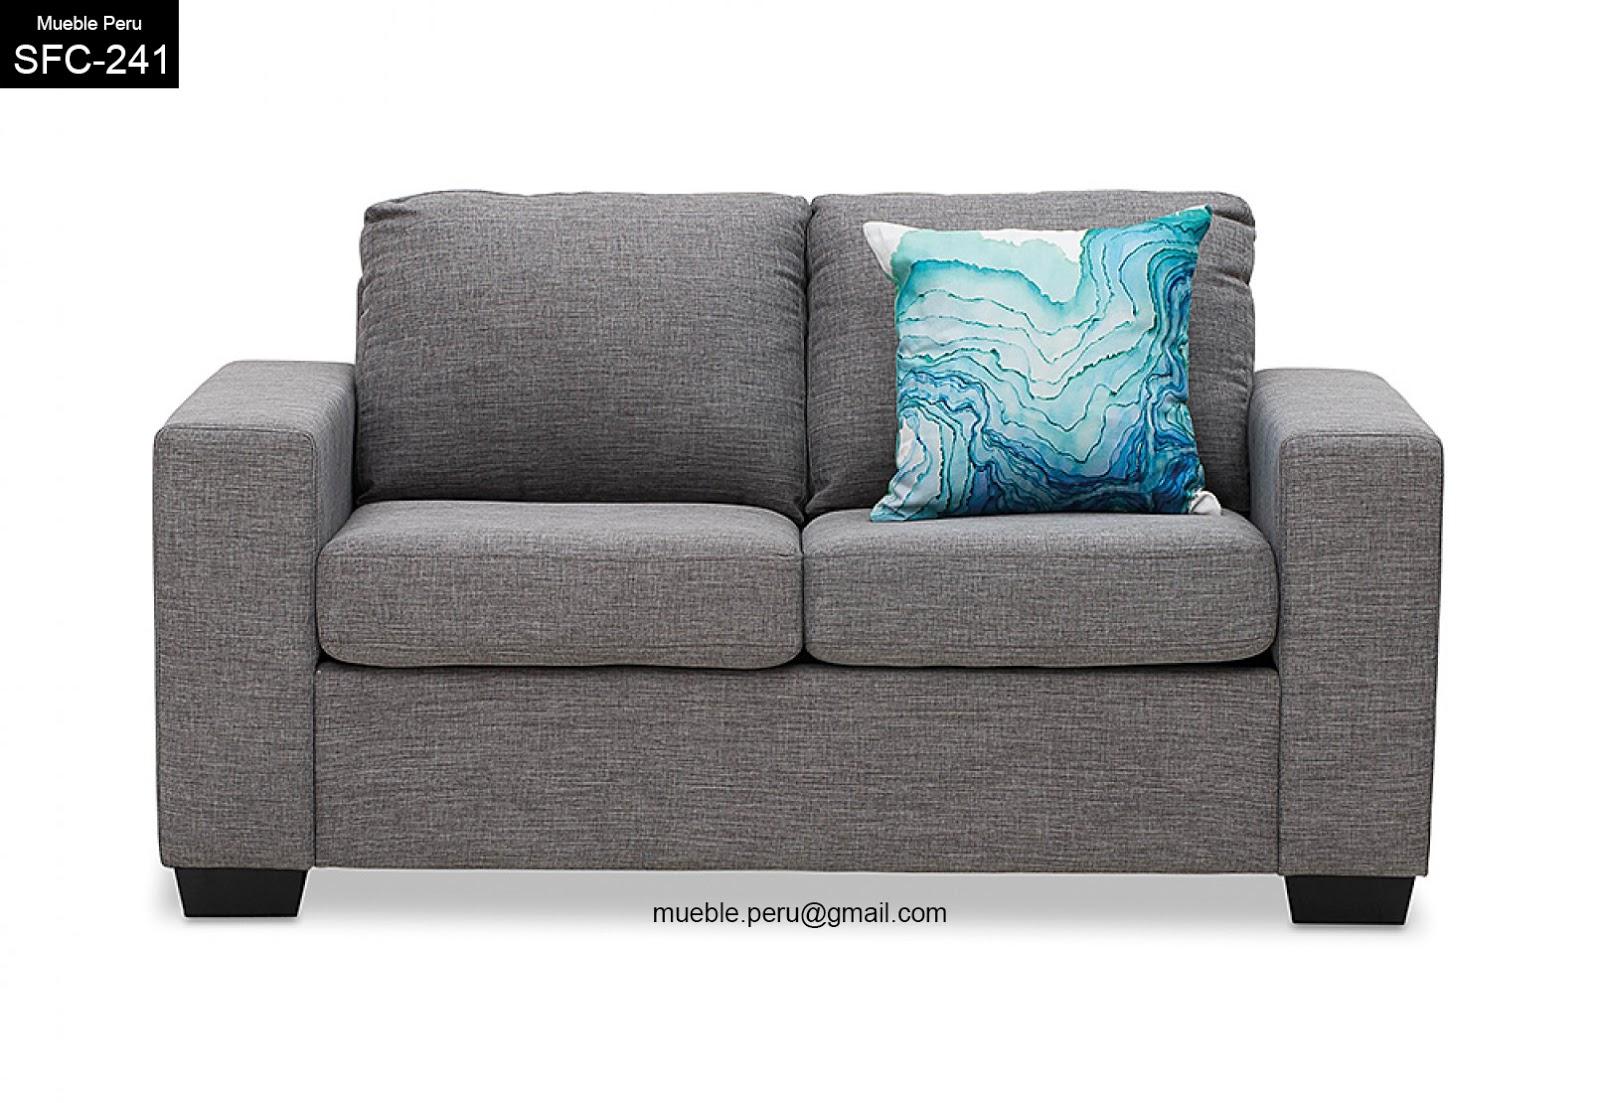 sofa sfc sofas 4 less concord mueble perÚ muebles de sala